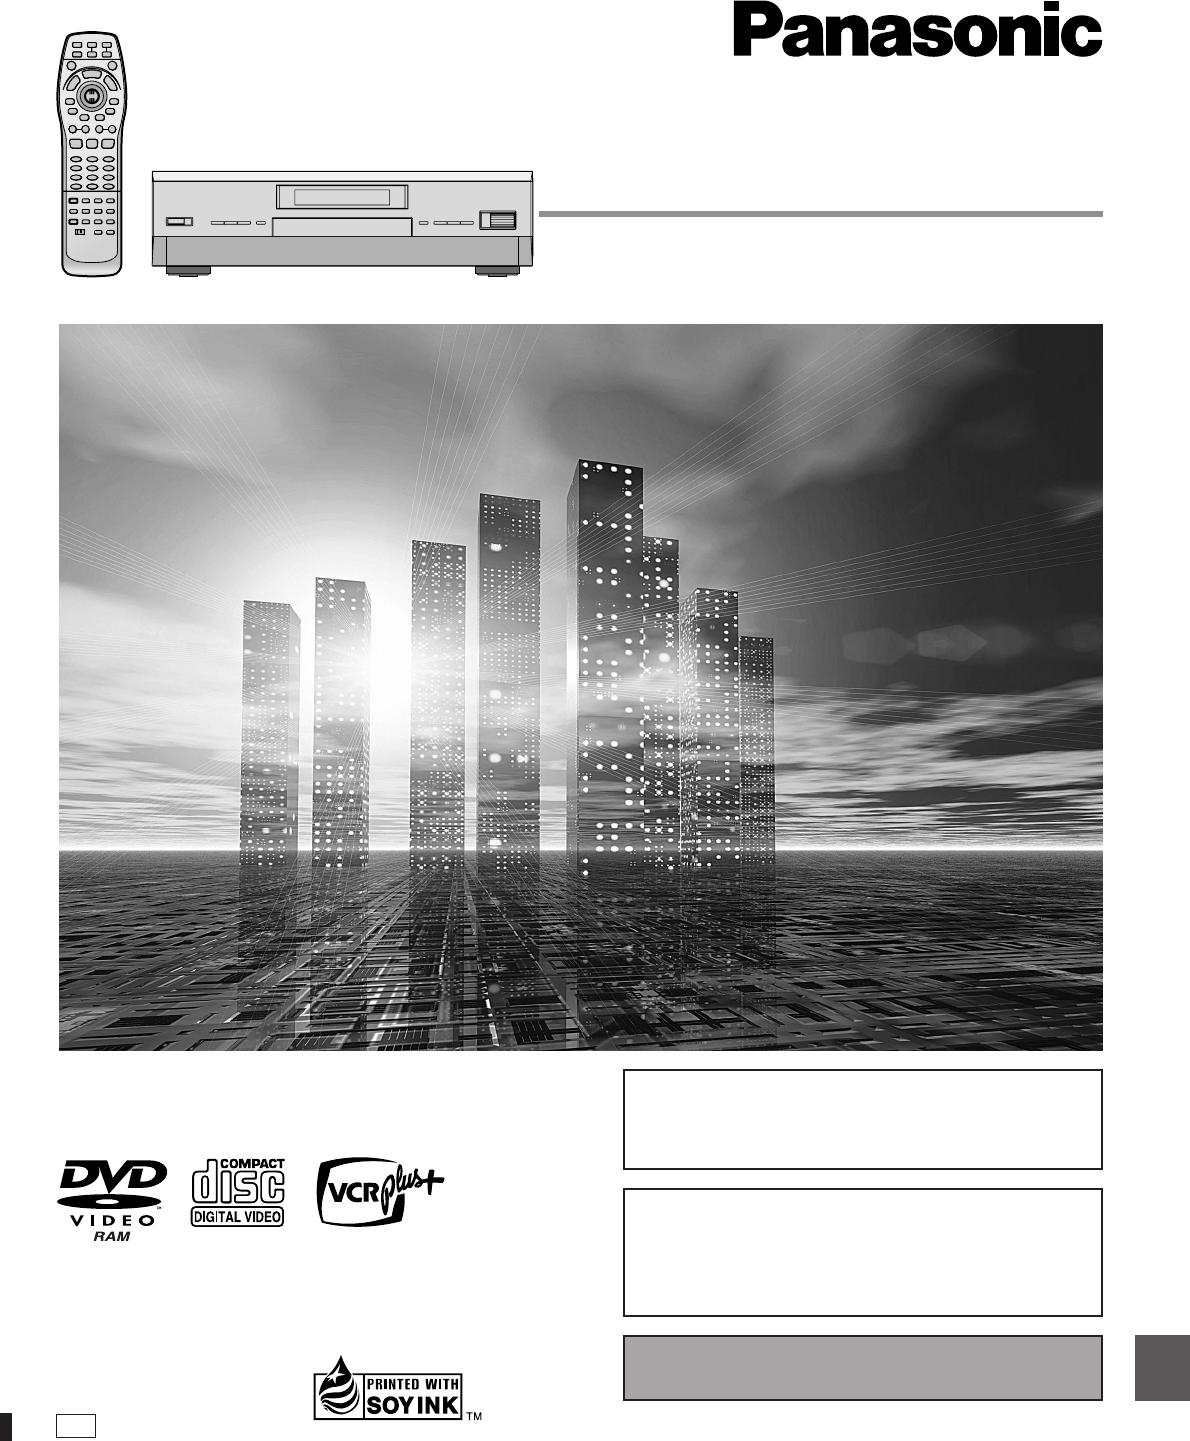 panasonic dmr hw220 user manual